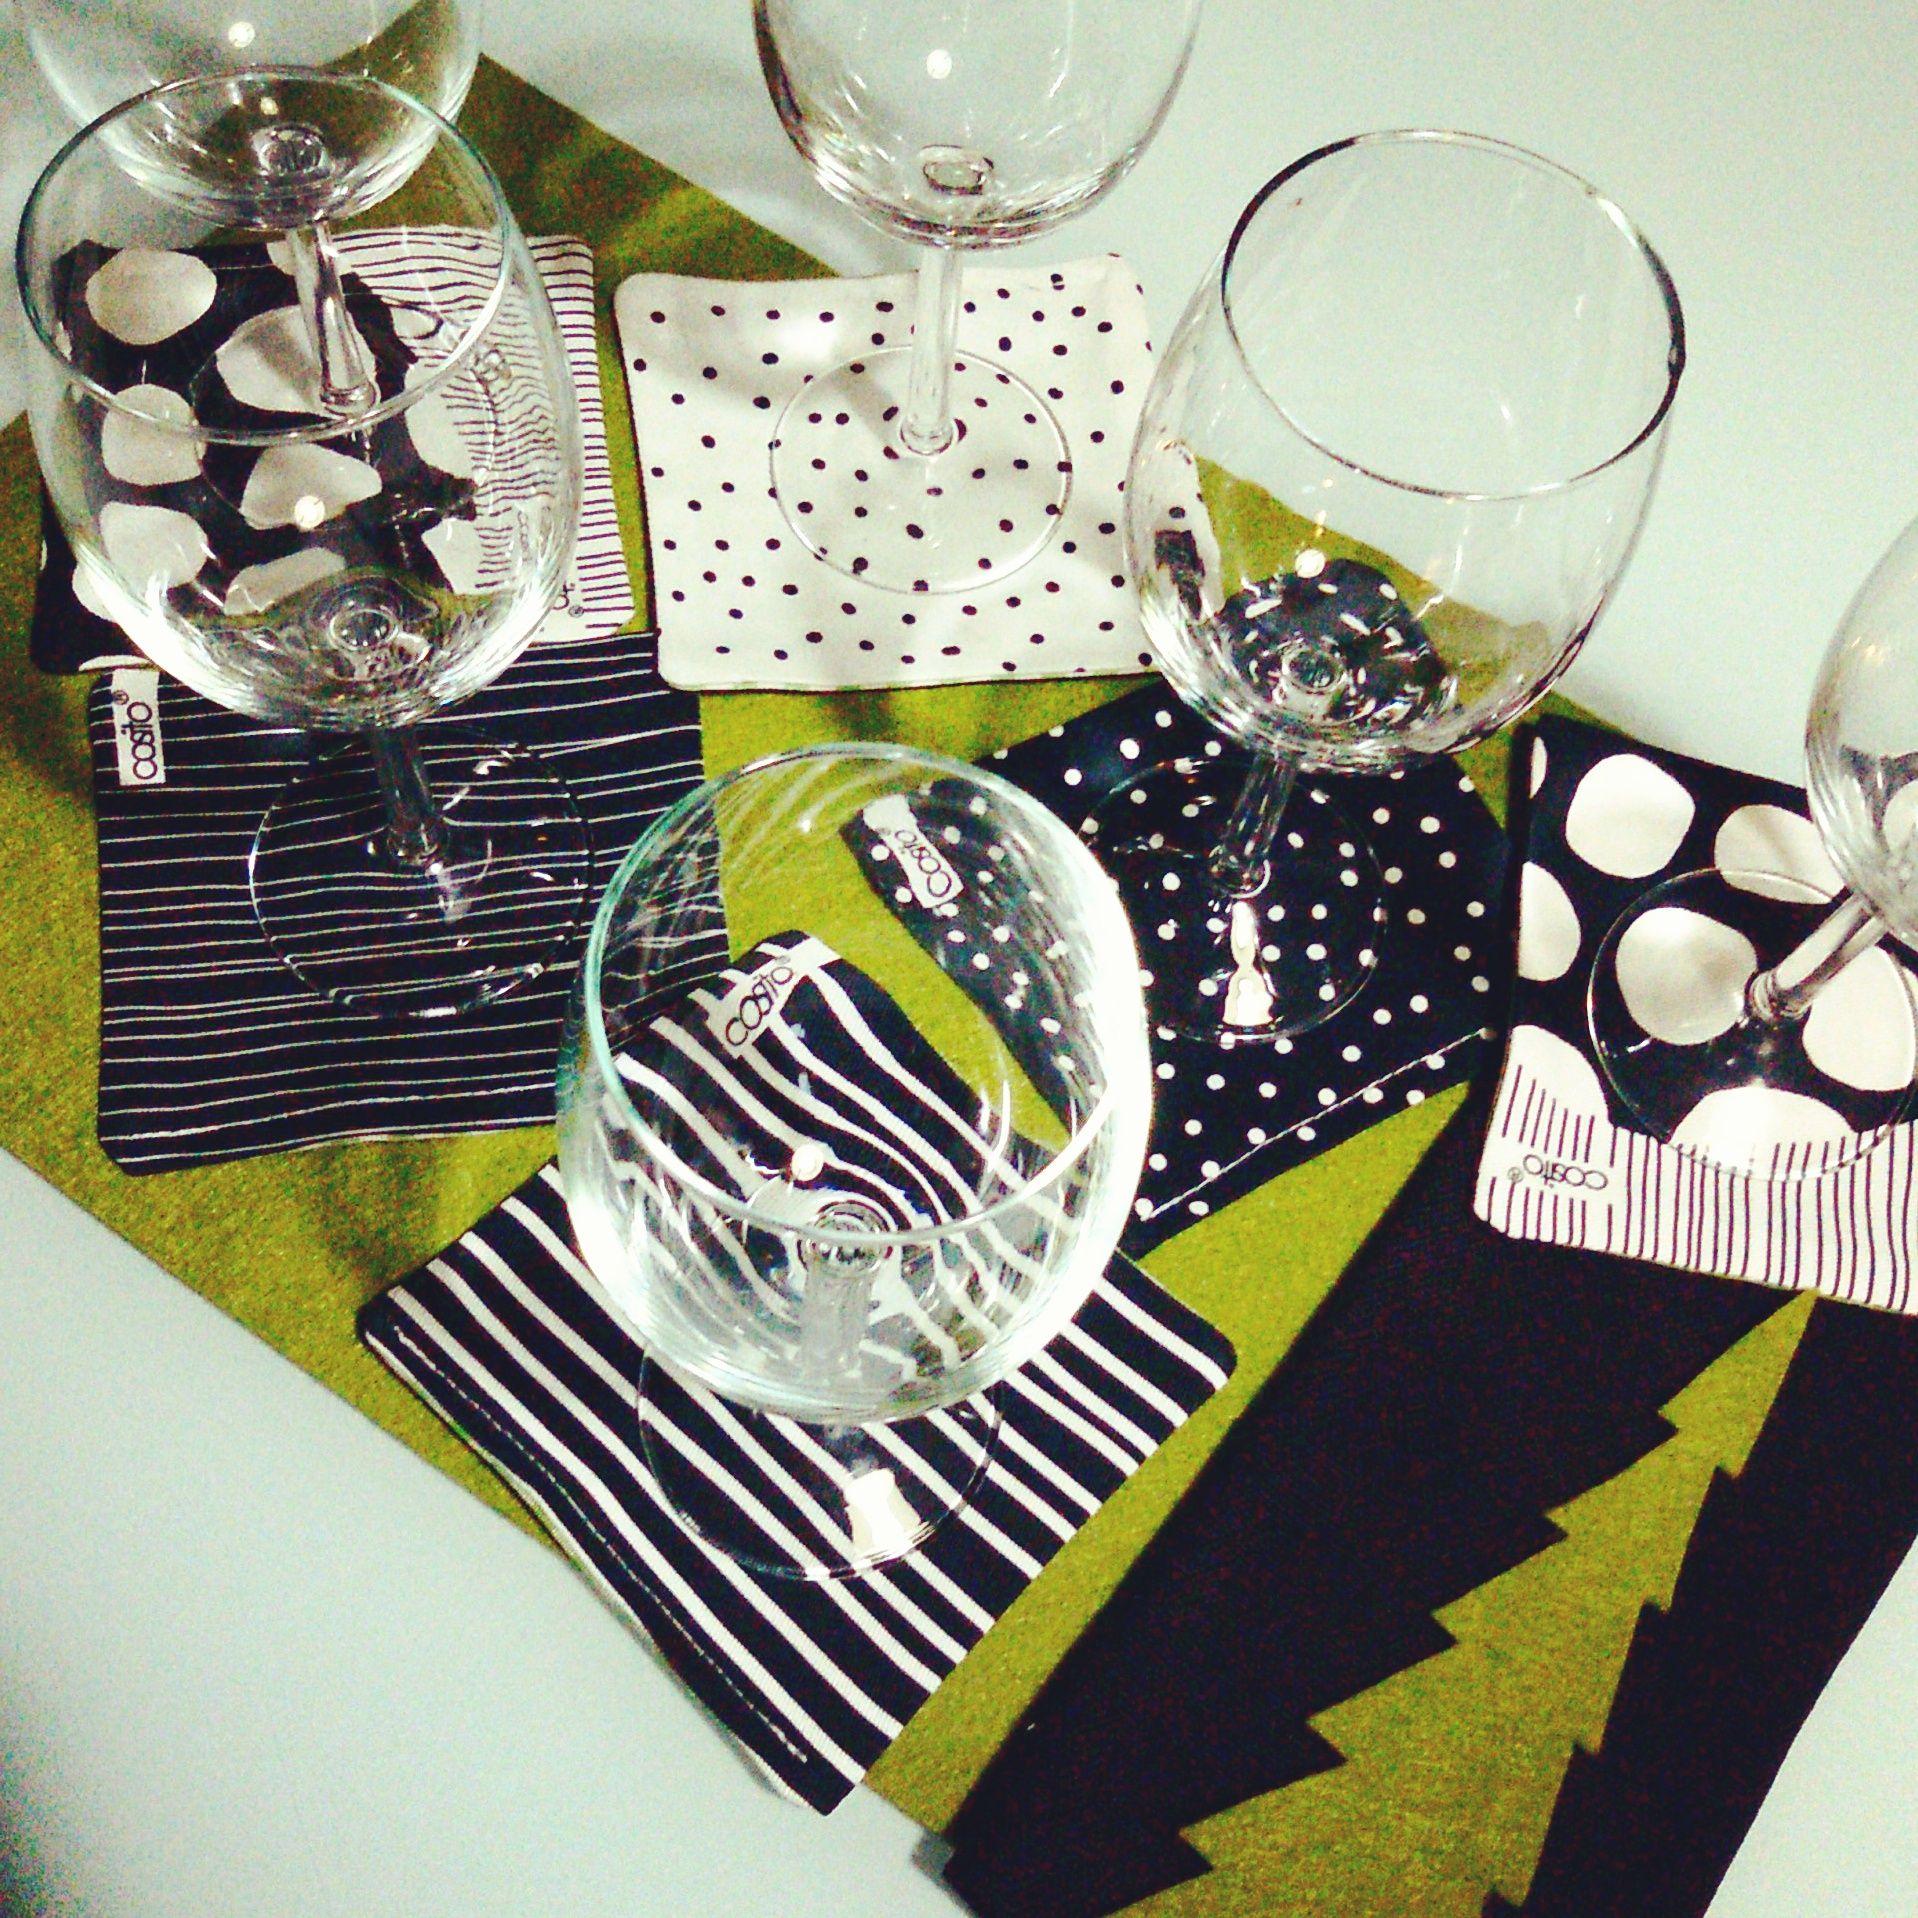 Sottobicchieri!...per un tavolo originale!...cottone 100%lavabili...tanti modelli da scegliere...in vendita now!!